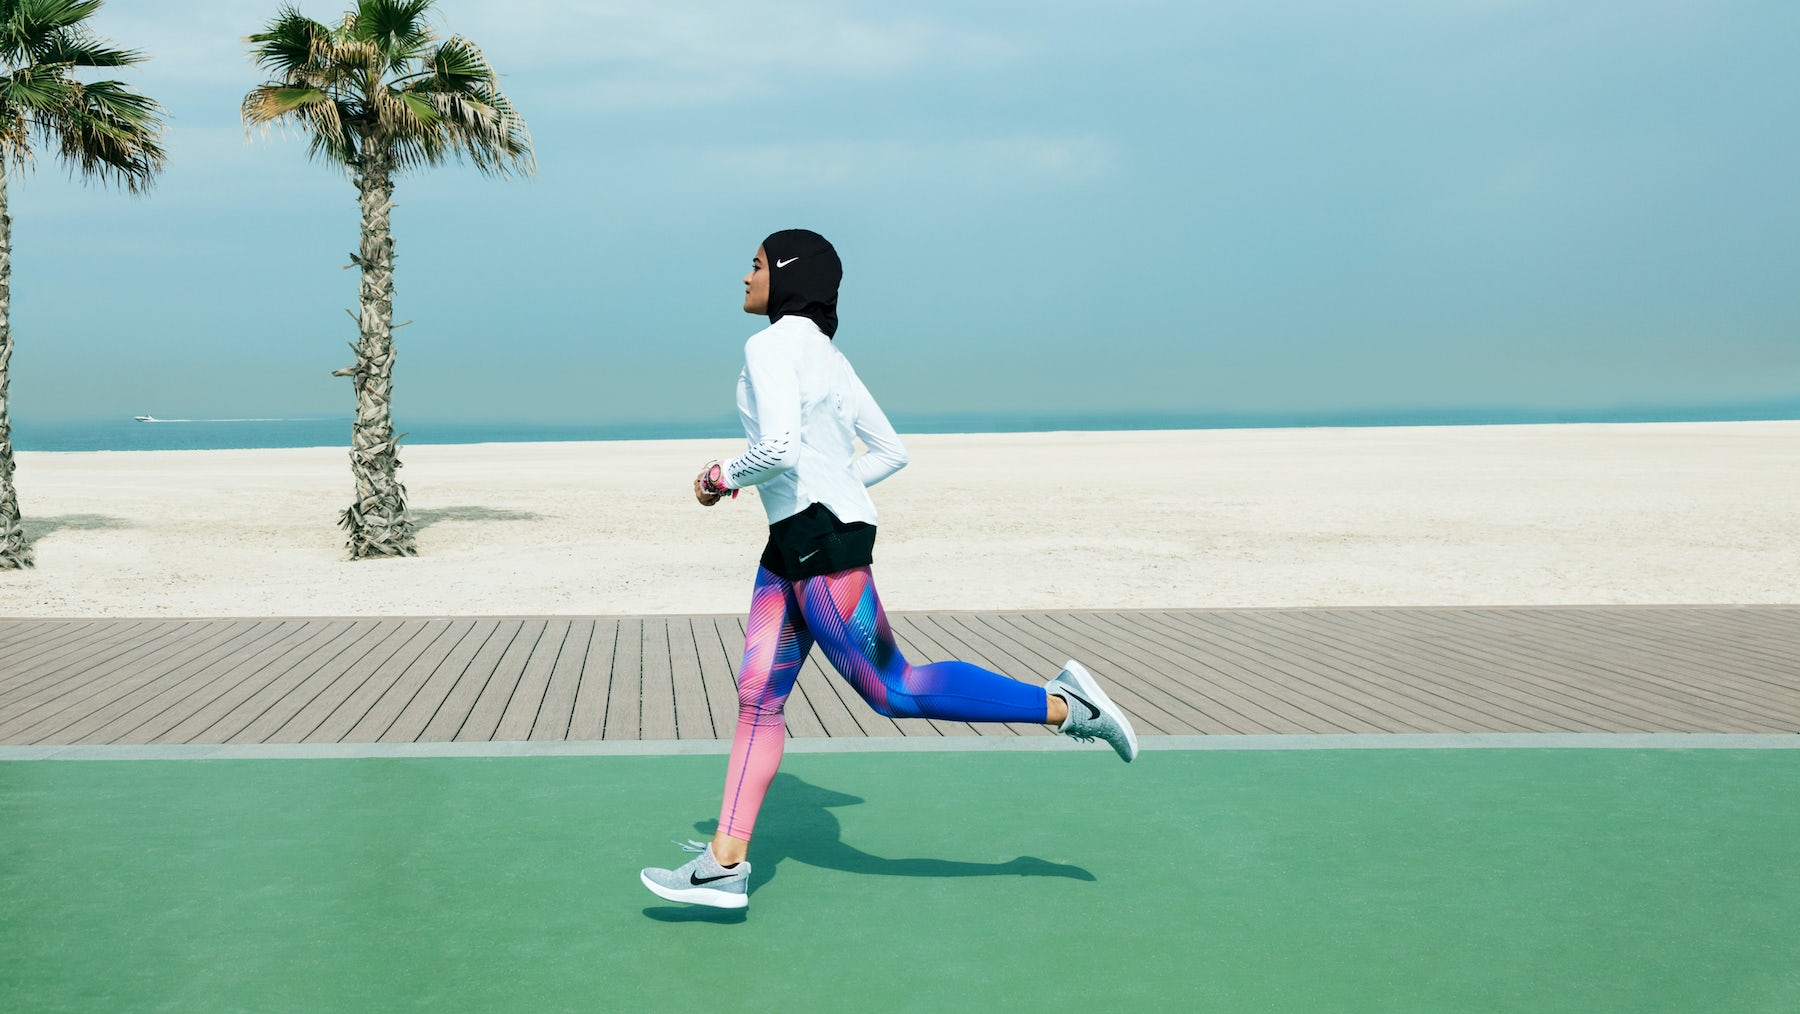 Nike Releases Hijab, Saint Laurent Ads Spark Backlash